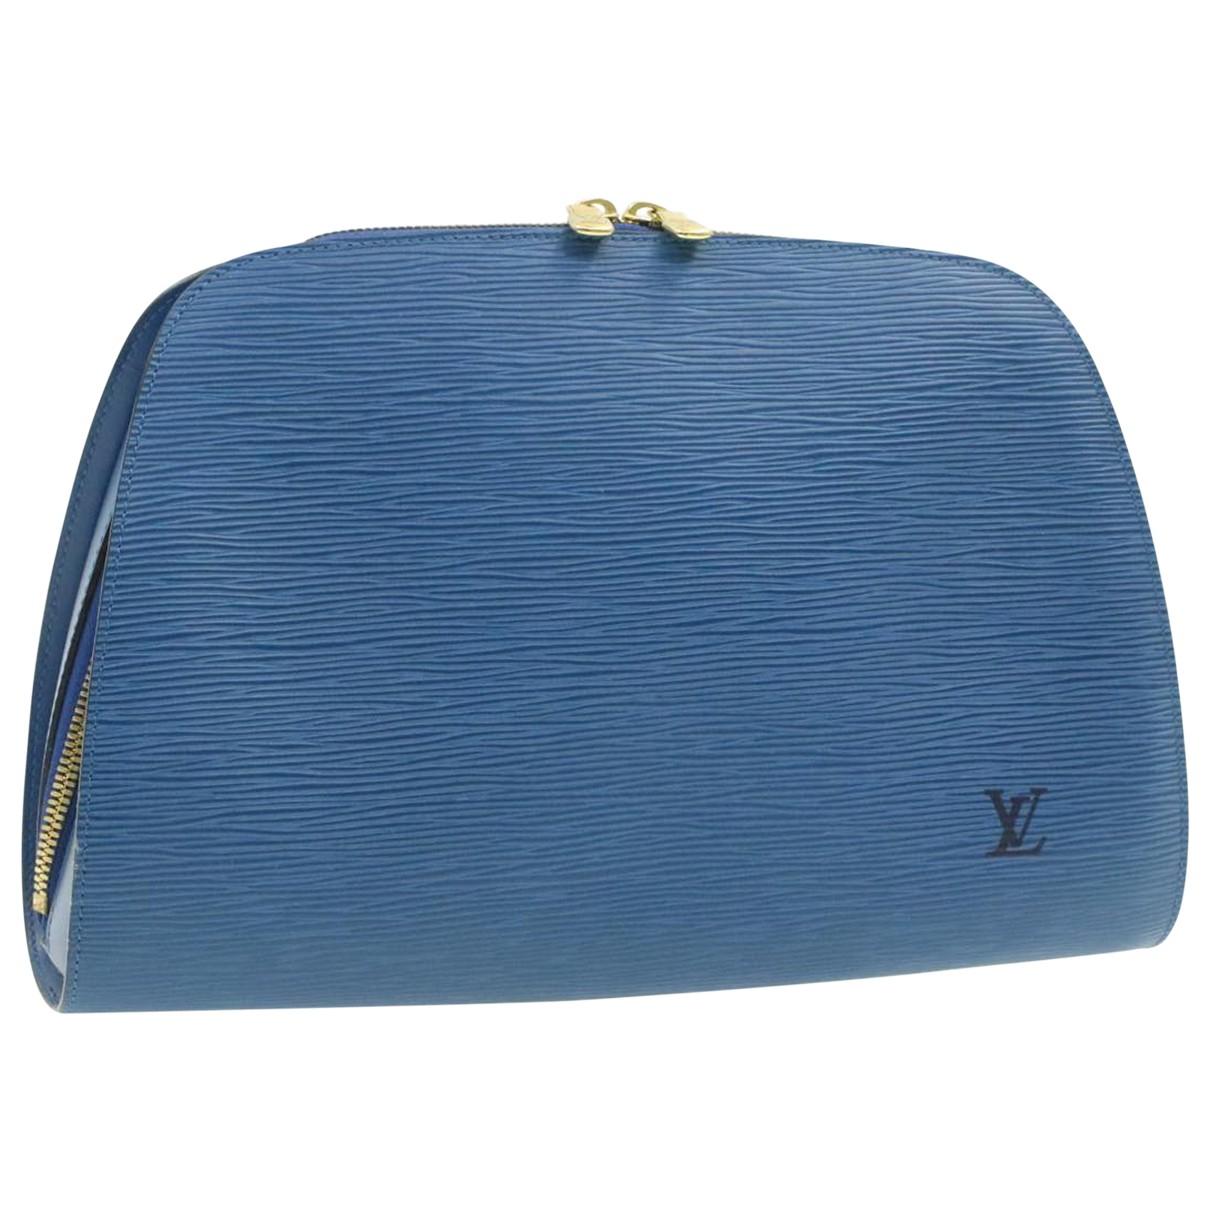 Louis Vuitton - Sac de voyage   pour femme en cuir - bleu